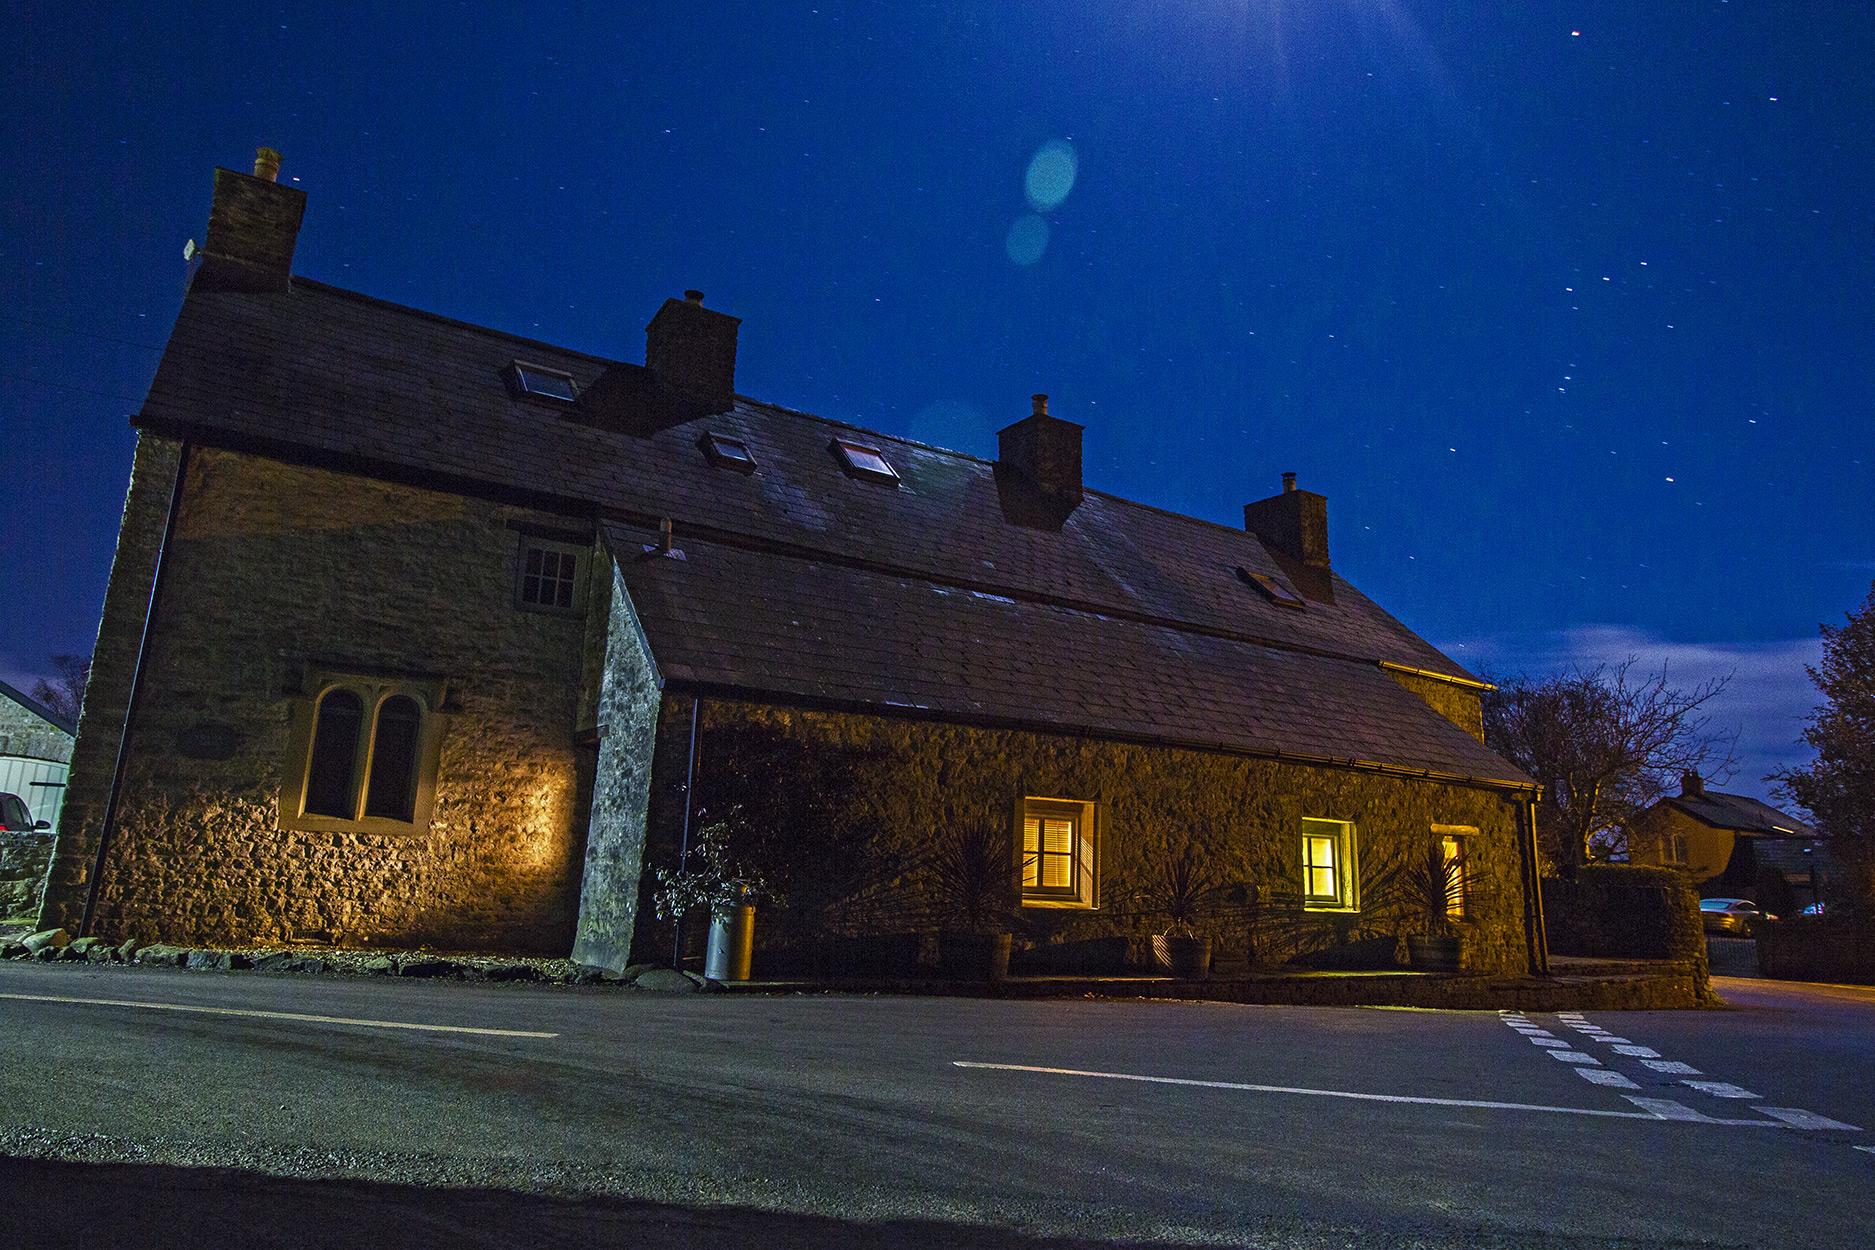 Llanfair, The Vale of Glamorgan